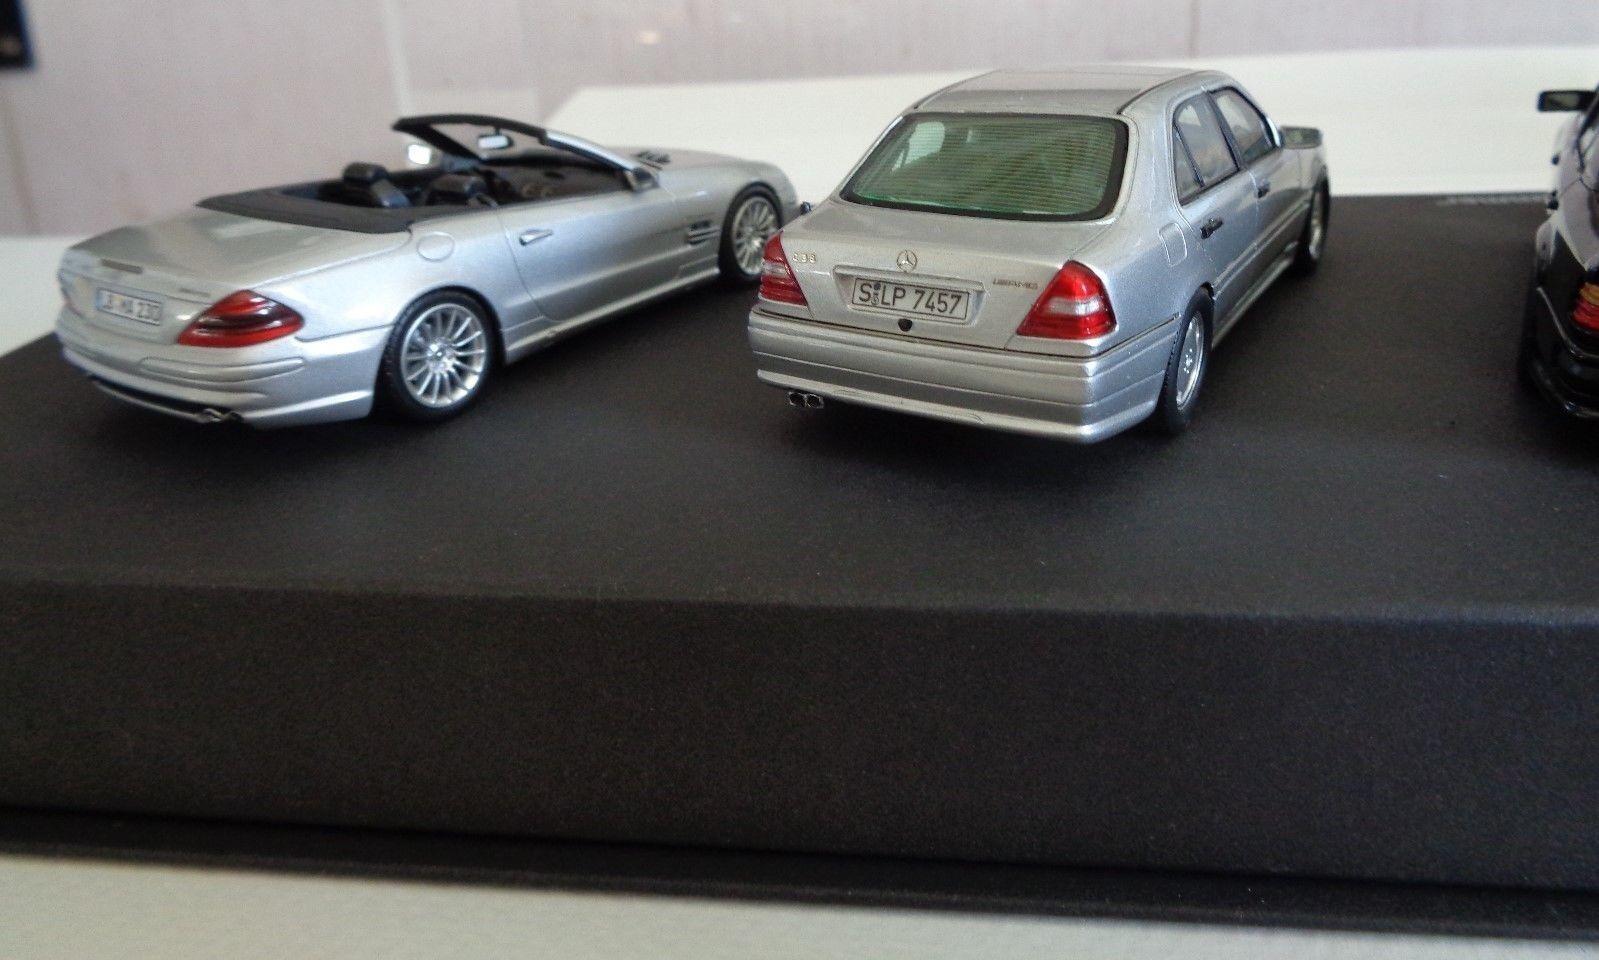 AMG Mercedes-Benz 1/43 Set 40 ans de perforFemmece, Minichamps/Spark très très très rare!!! | Matériaux De Haute Qualité  | Modèles à La Mode  | Vente Chaude  db1a42